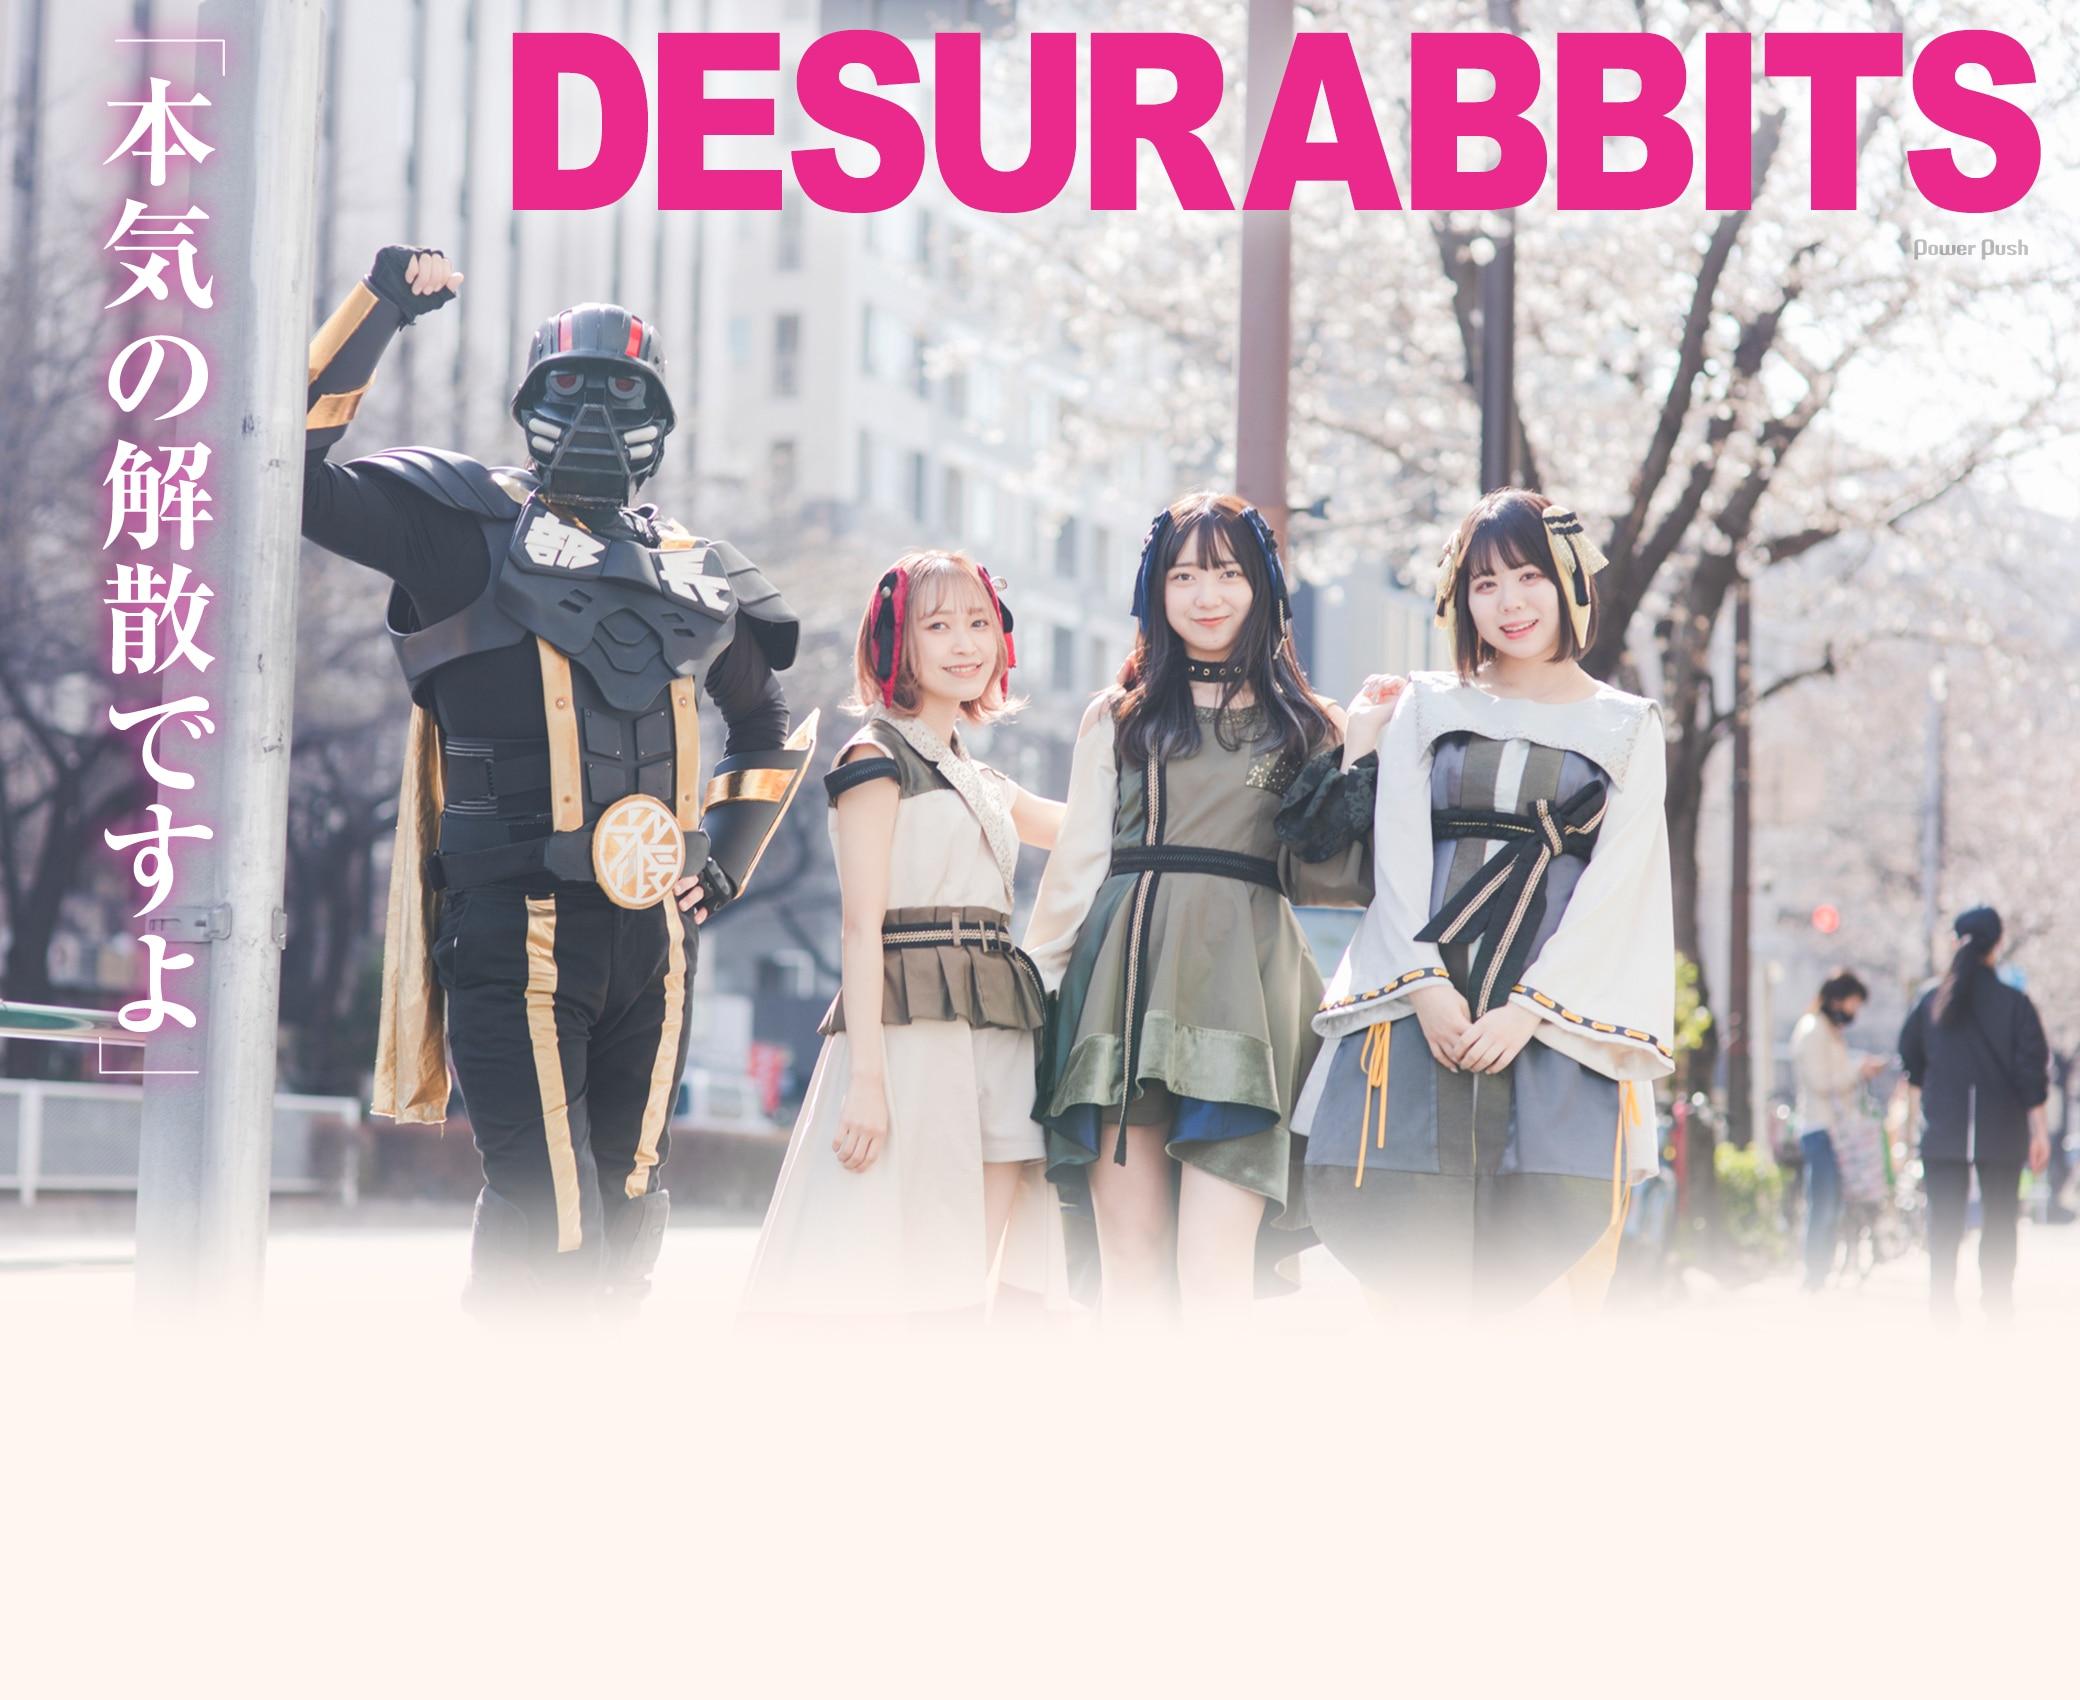 DESURABBITS|「本気の解散ですよ」